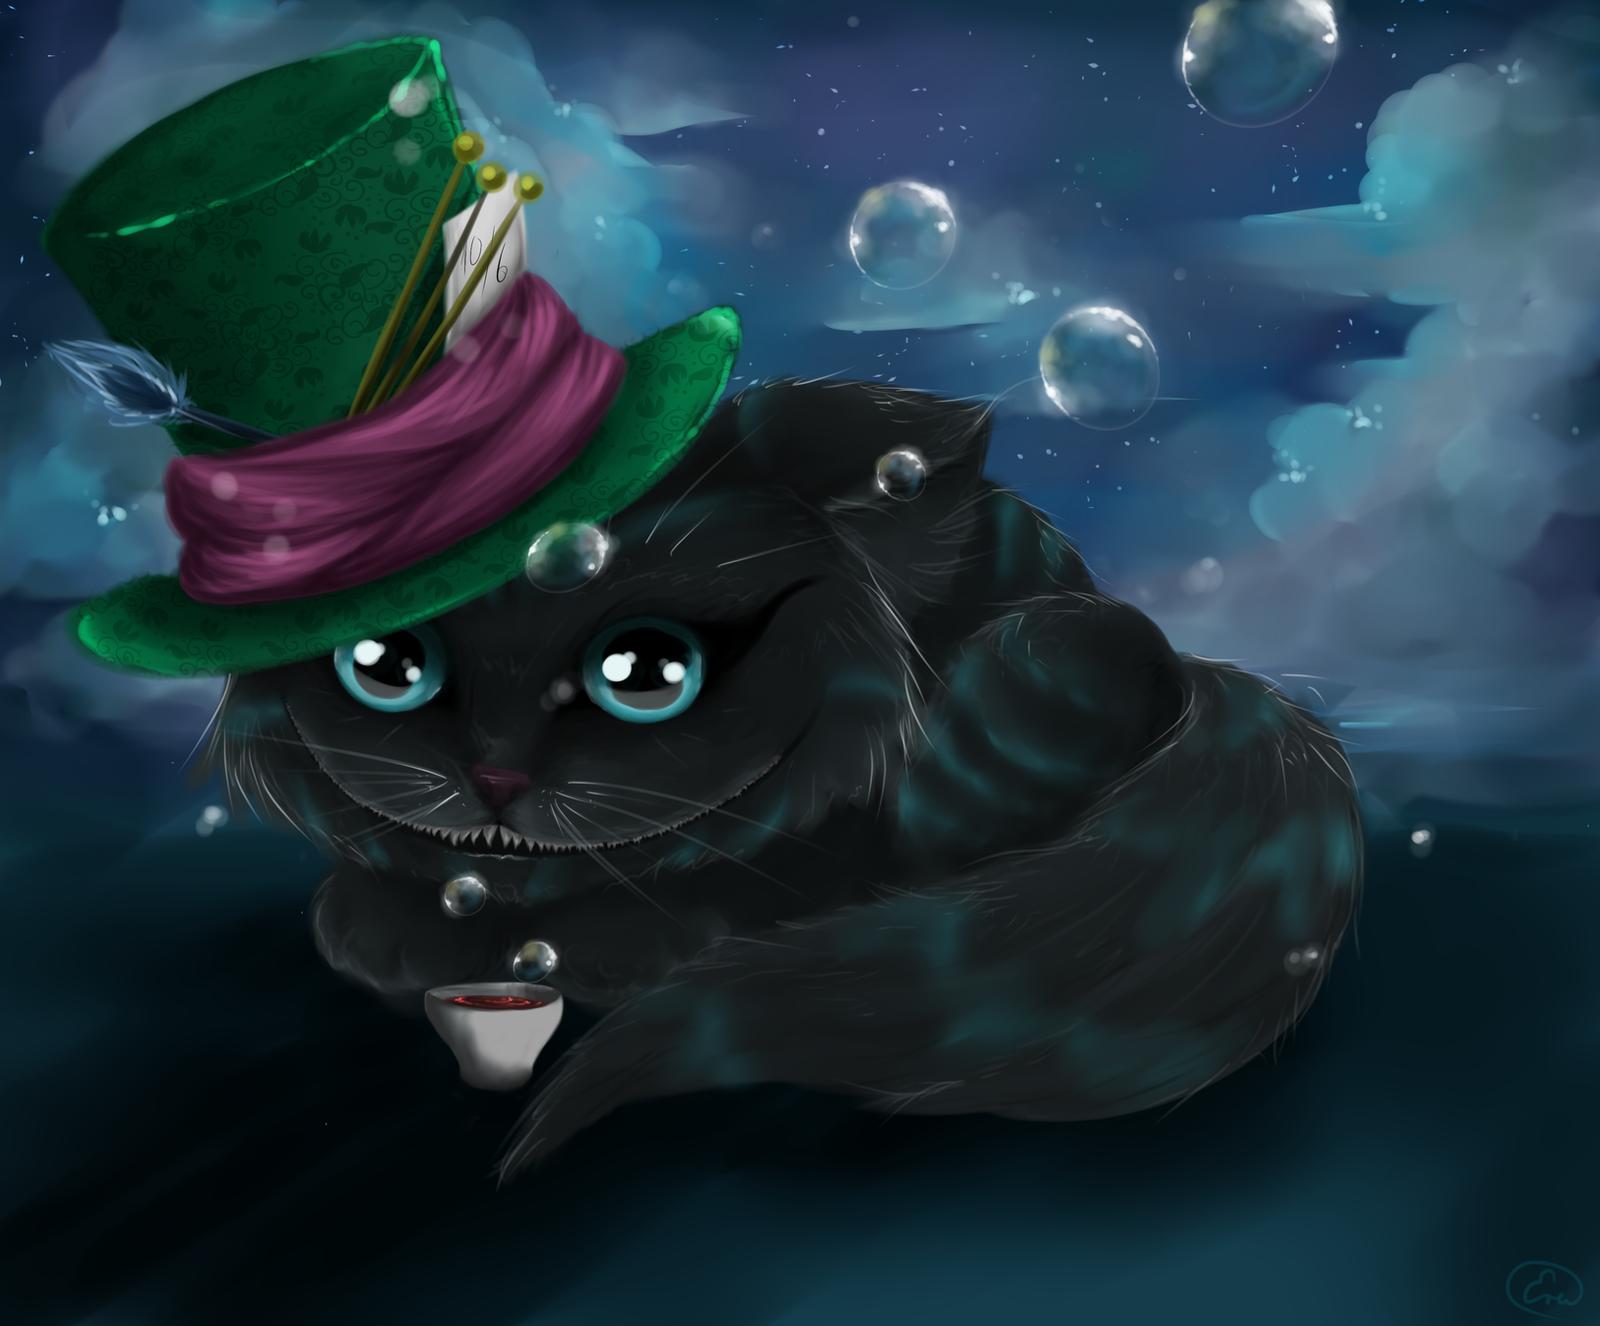 Cheshire cat by MidnightArtDragon